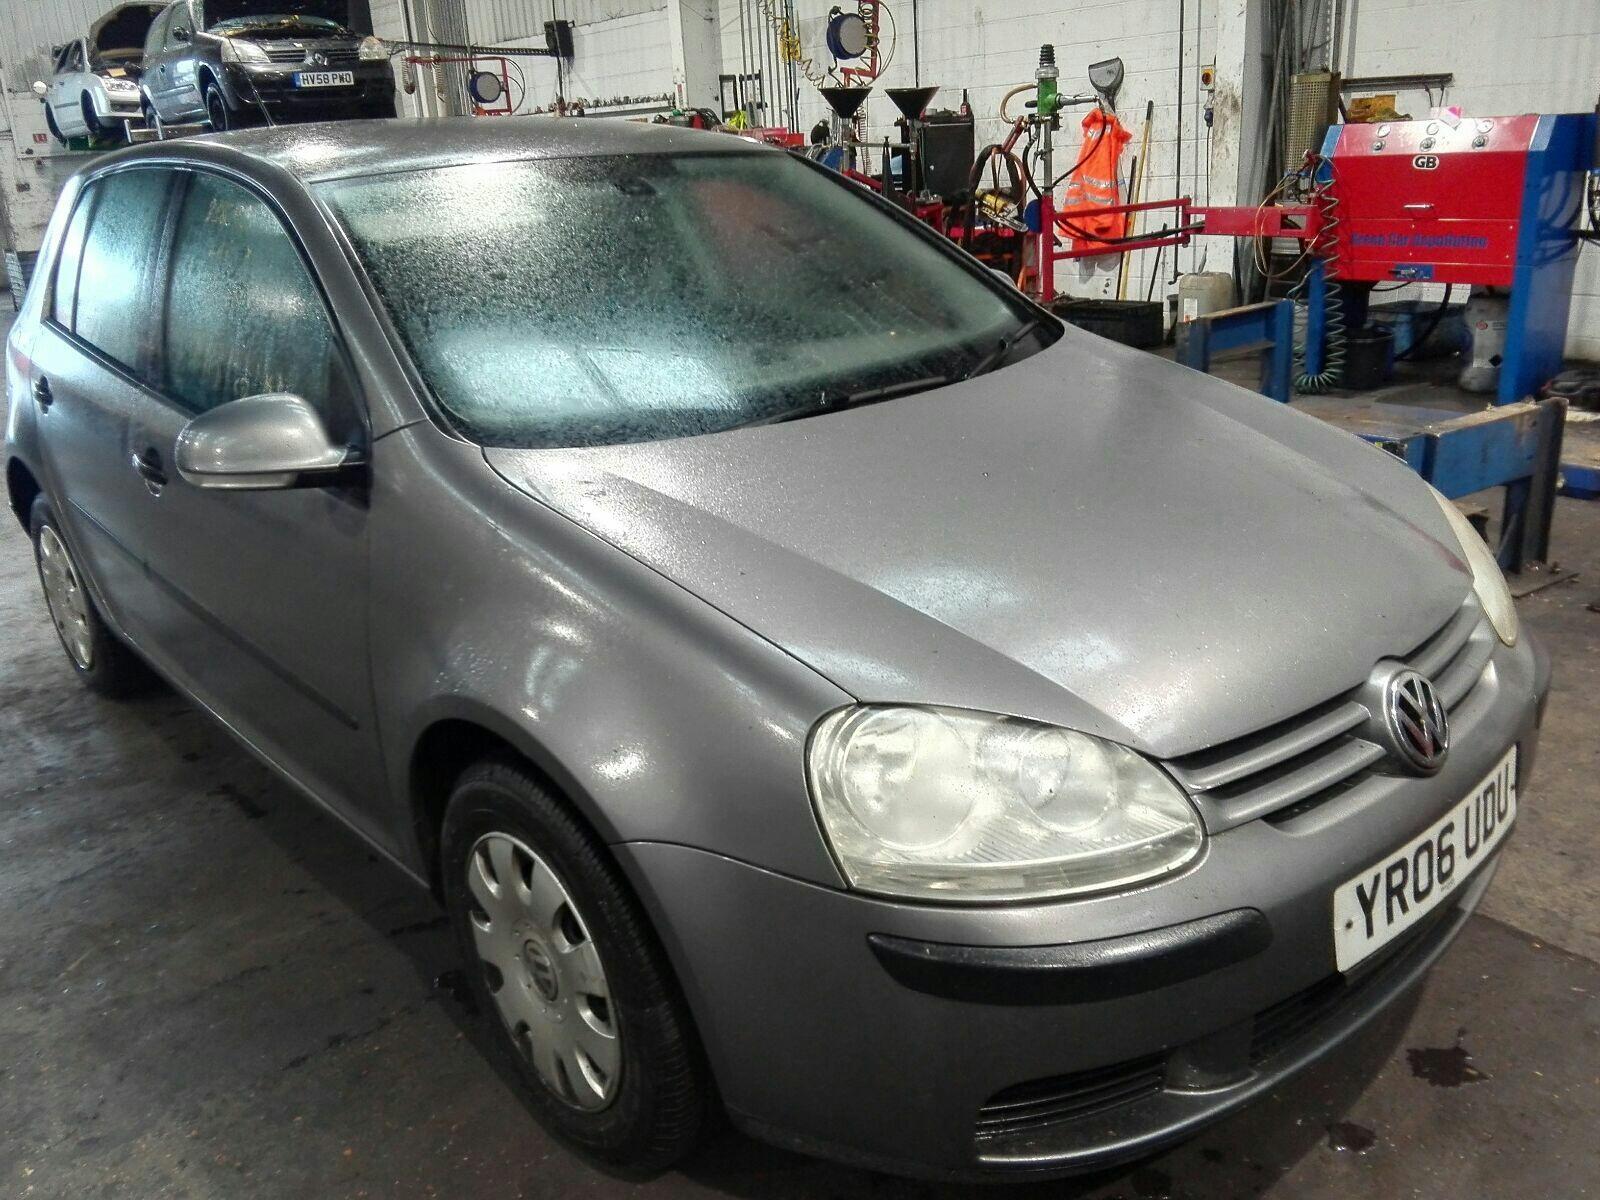 Image for a Volkswagen Golf 2006 5 Door Hatchback